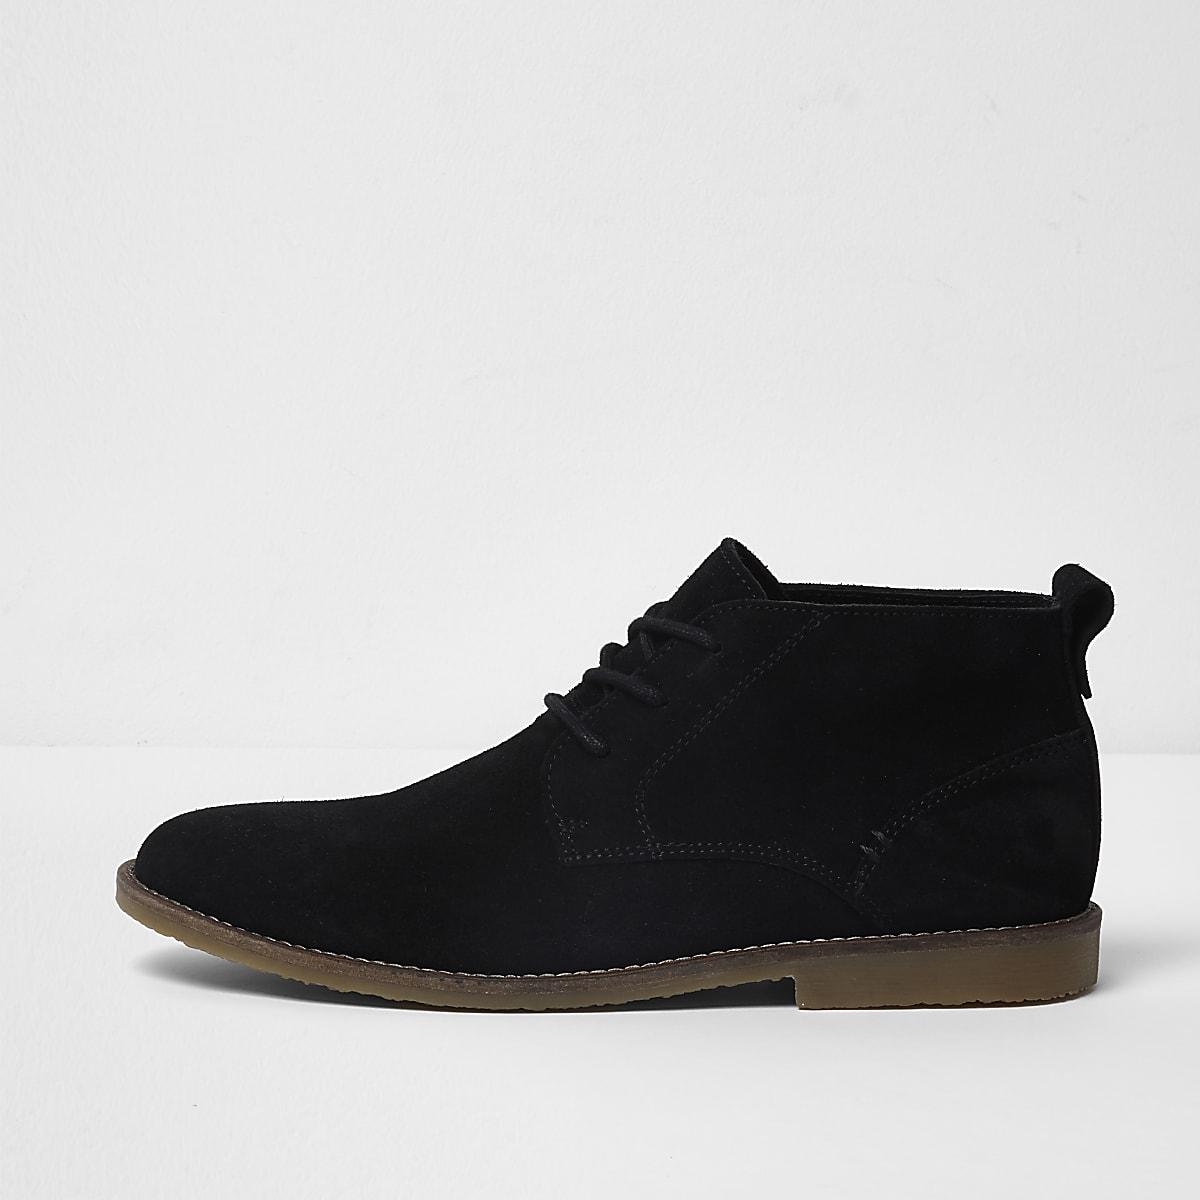 d1372328574a23 Schwarze Chukka-Stiefel aus Wildleder Schwarze Chukka-Stiefel aus Wildleder  ...